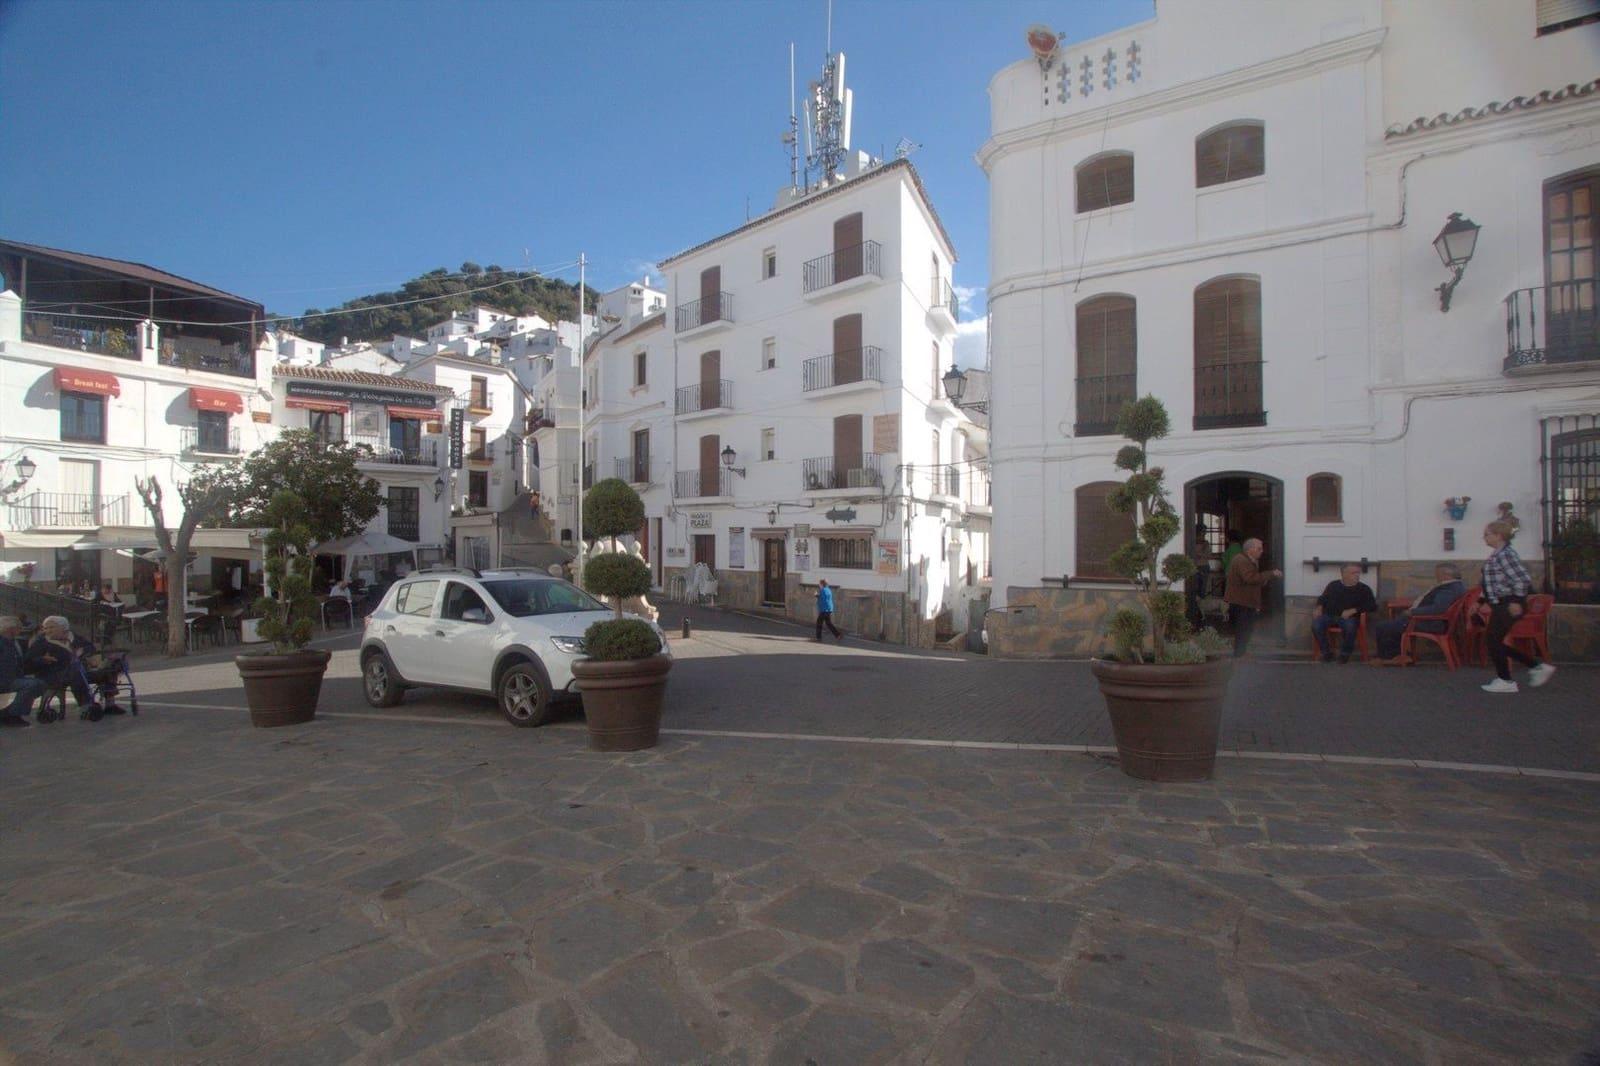 Hotel de 9 habitaciones en Casares en venta - 300.000 € (Ref: 4665029)